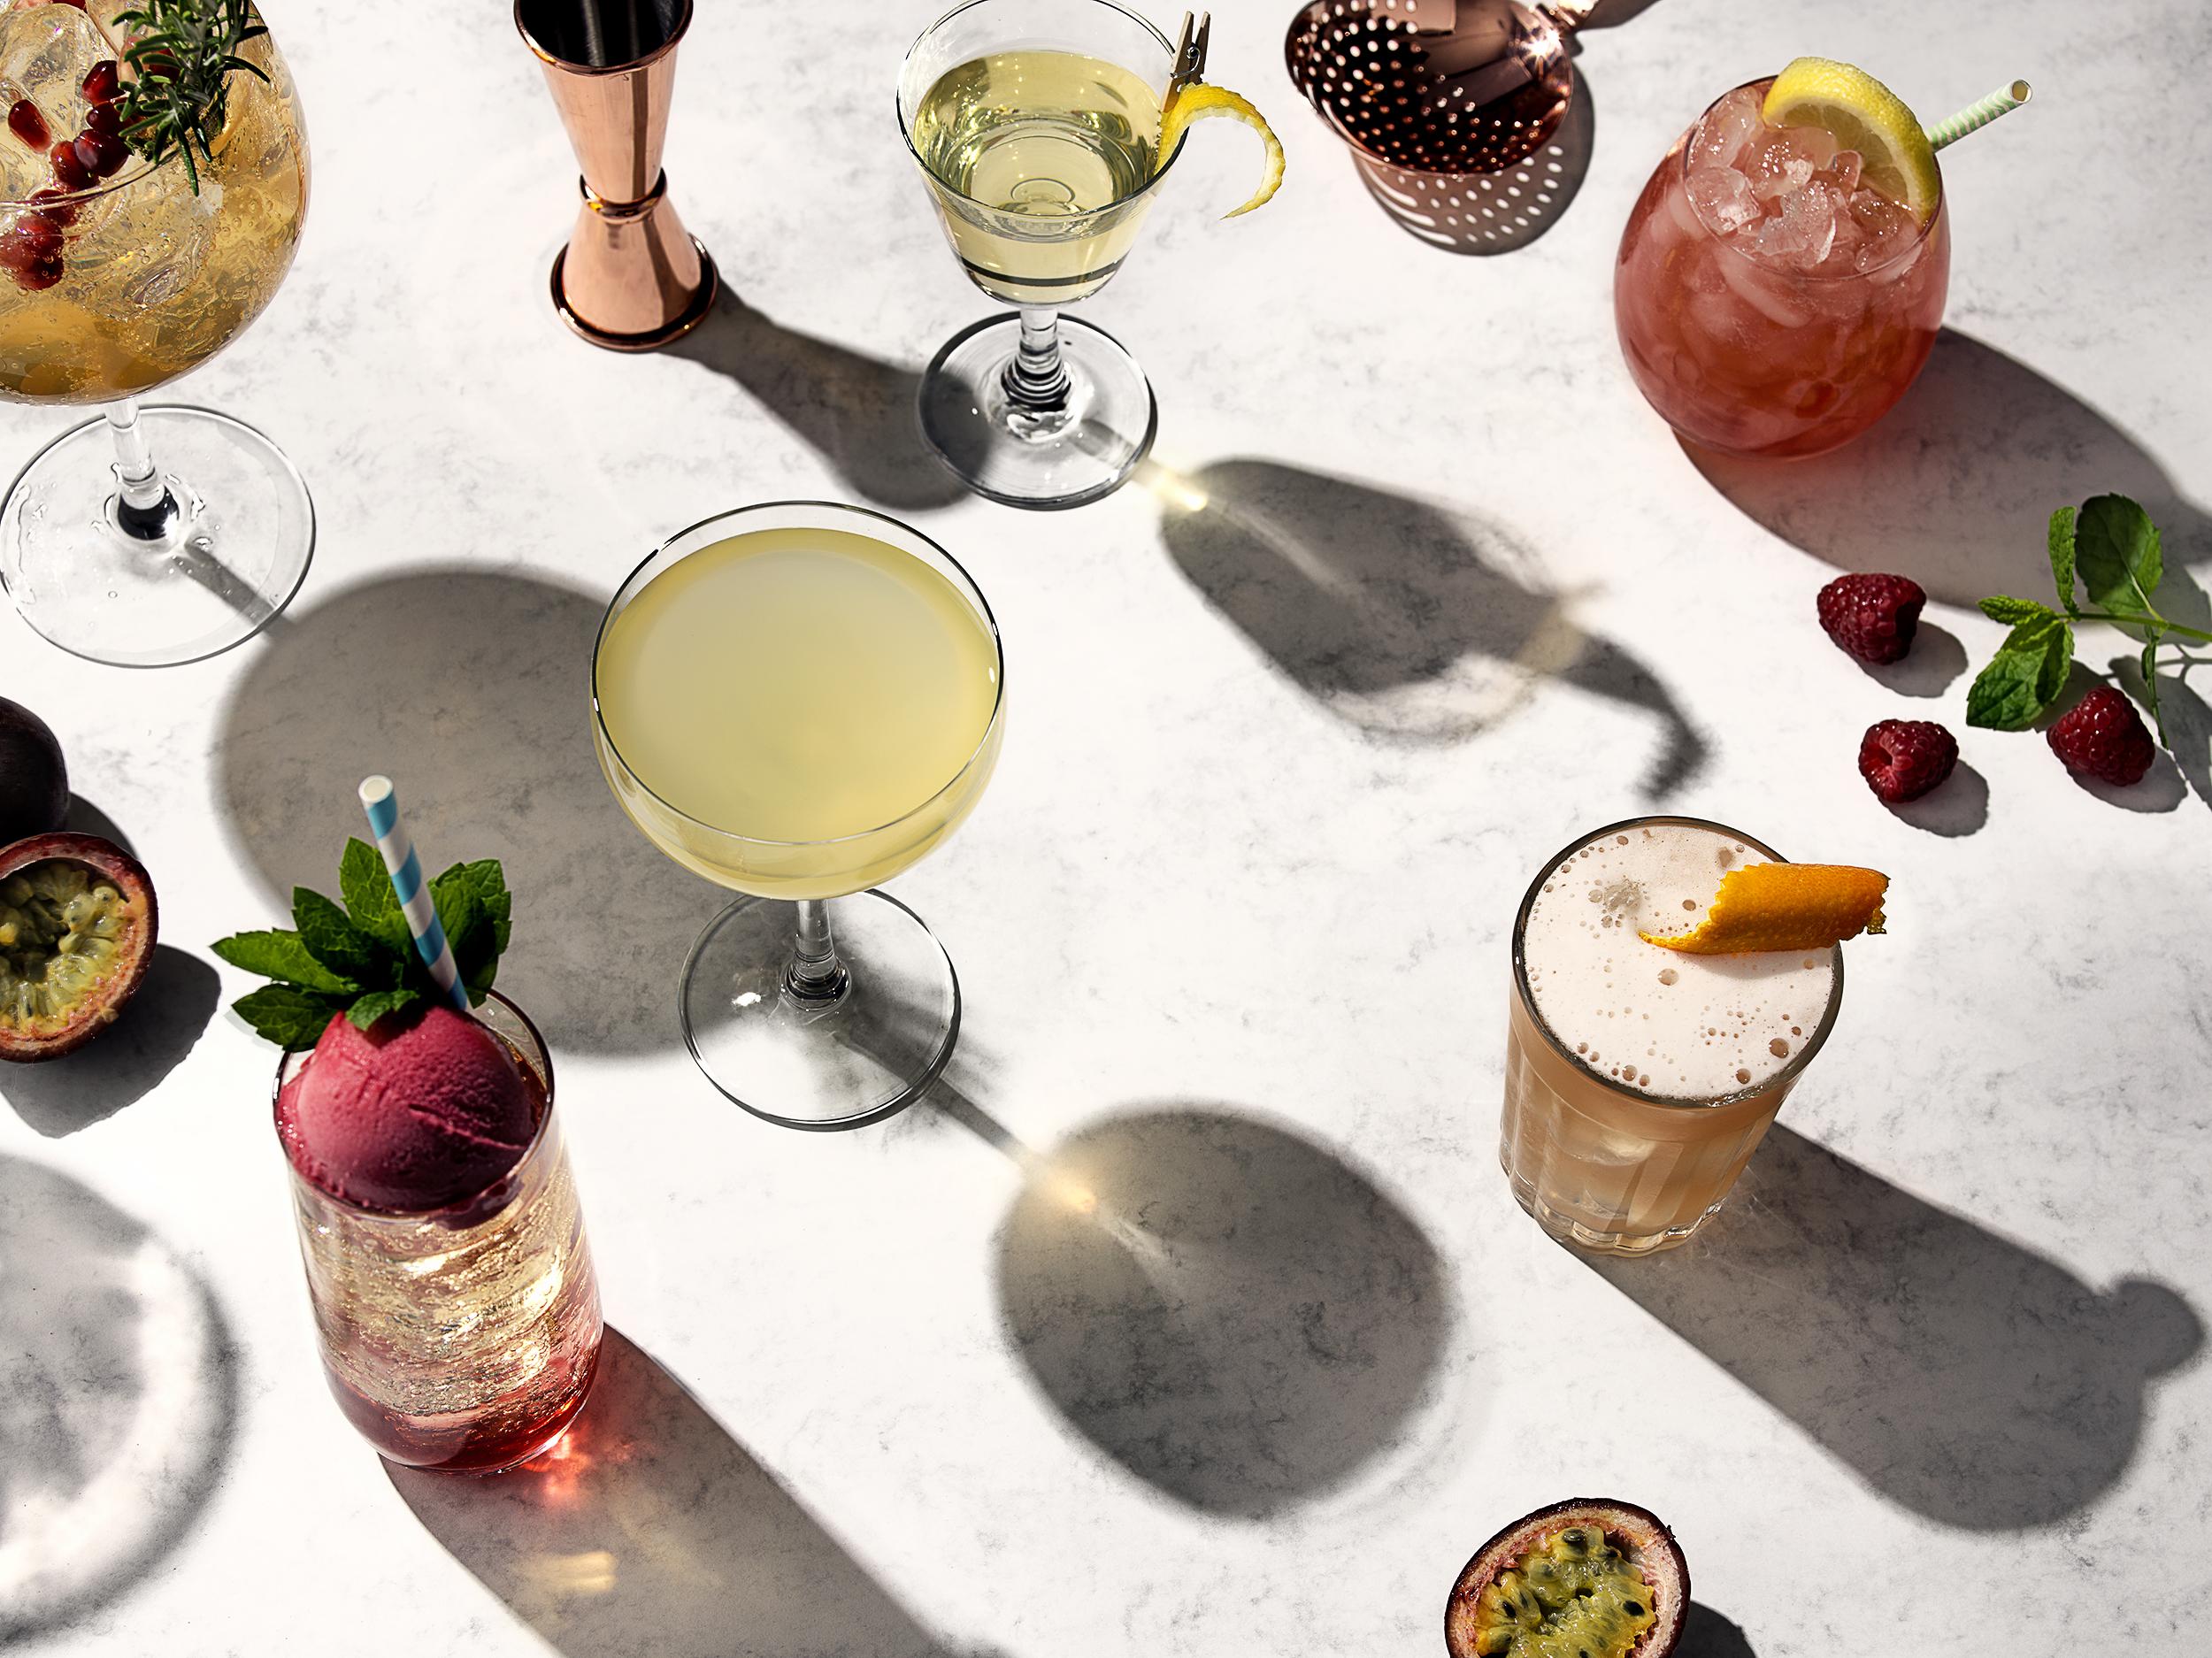 Summer cocktails 01 EF EDIT.jpg